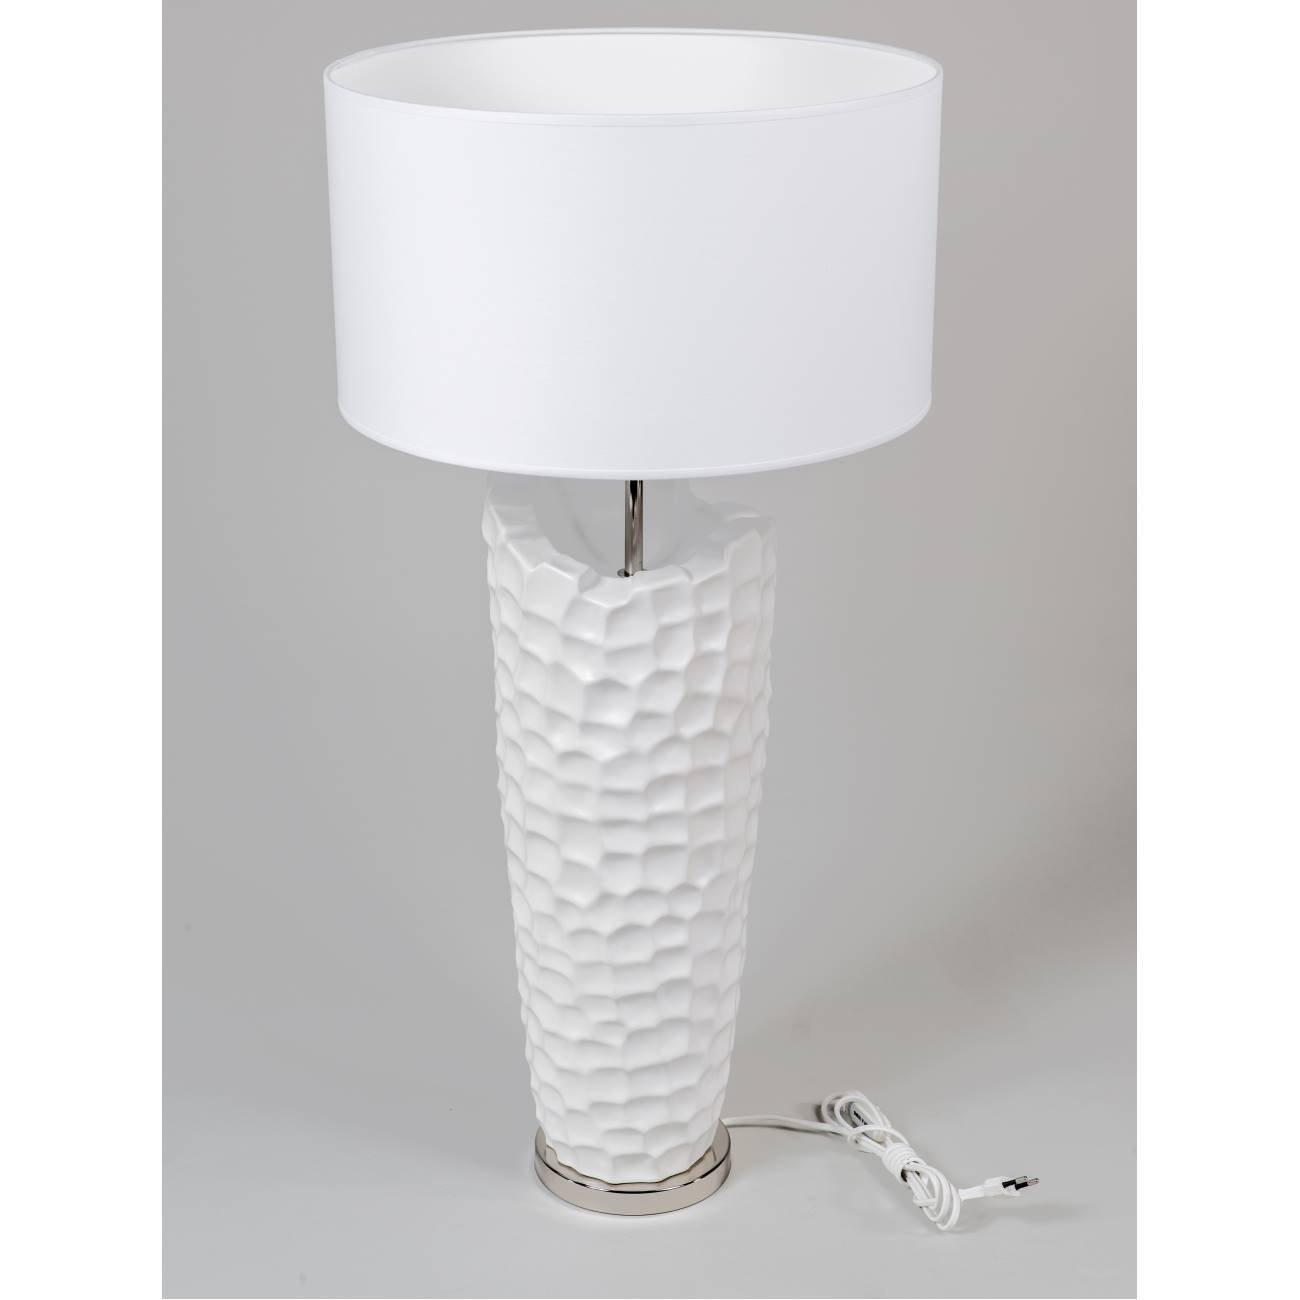 Formano Bodenlampe, Stehleuchte Murano H. 85cm weiß mit Silber Keramik